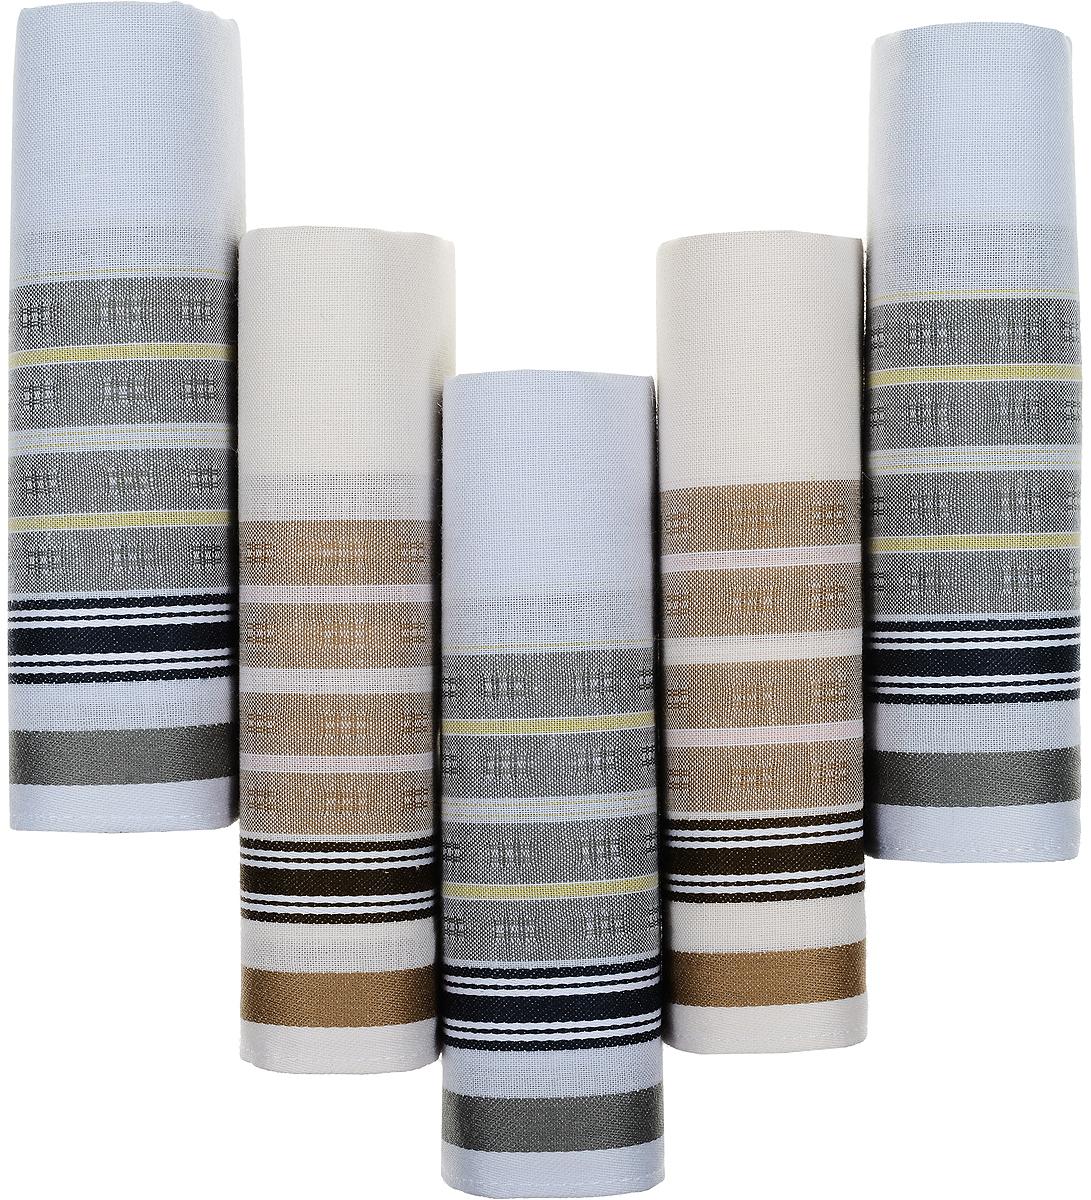 Платок носовой мужской Zlata Korunka, цвет: белый, серый, коричневый, 5 шт. 90512-6. Размер 29 см х 29 см39864|Серьги с подвескамиОригинальный мужской носовой платок Zlata Korunka изготовлен из высококачественного натурального хлопка, благодаря чему приятен в использовании, хорошо стирается, не садится и отлично впитывает влагу. Практичный и изящный носовой платок будет незаменим в повседневной жизни любого современного человека. Такой платок послужит стильным аксессуаром и подчеркнет ваше превосходное чувство вкуса.В комплекте 5 платков.